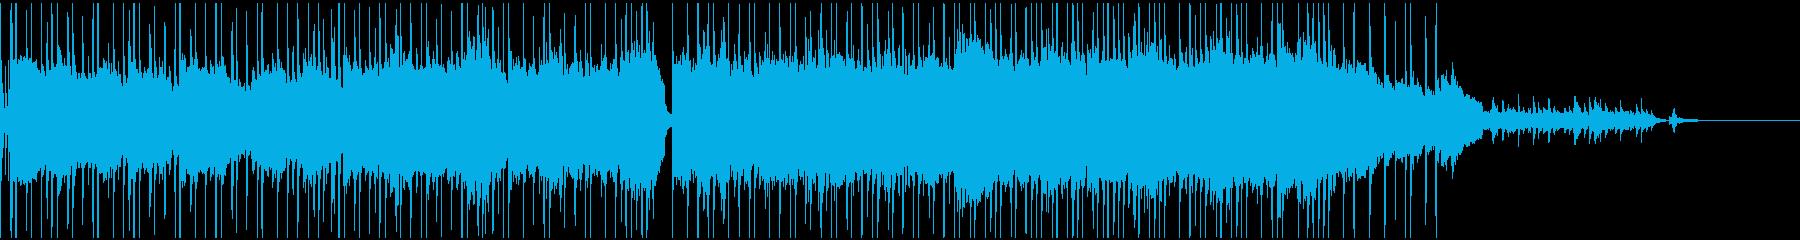 頑張っている雰囲気のゆったりロックBGMの再生済みの波形